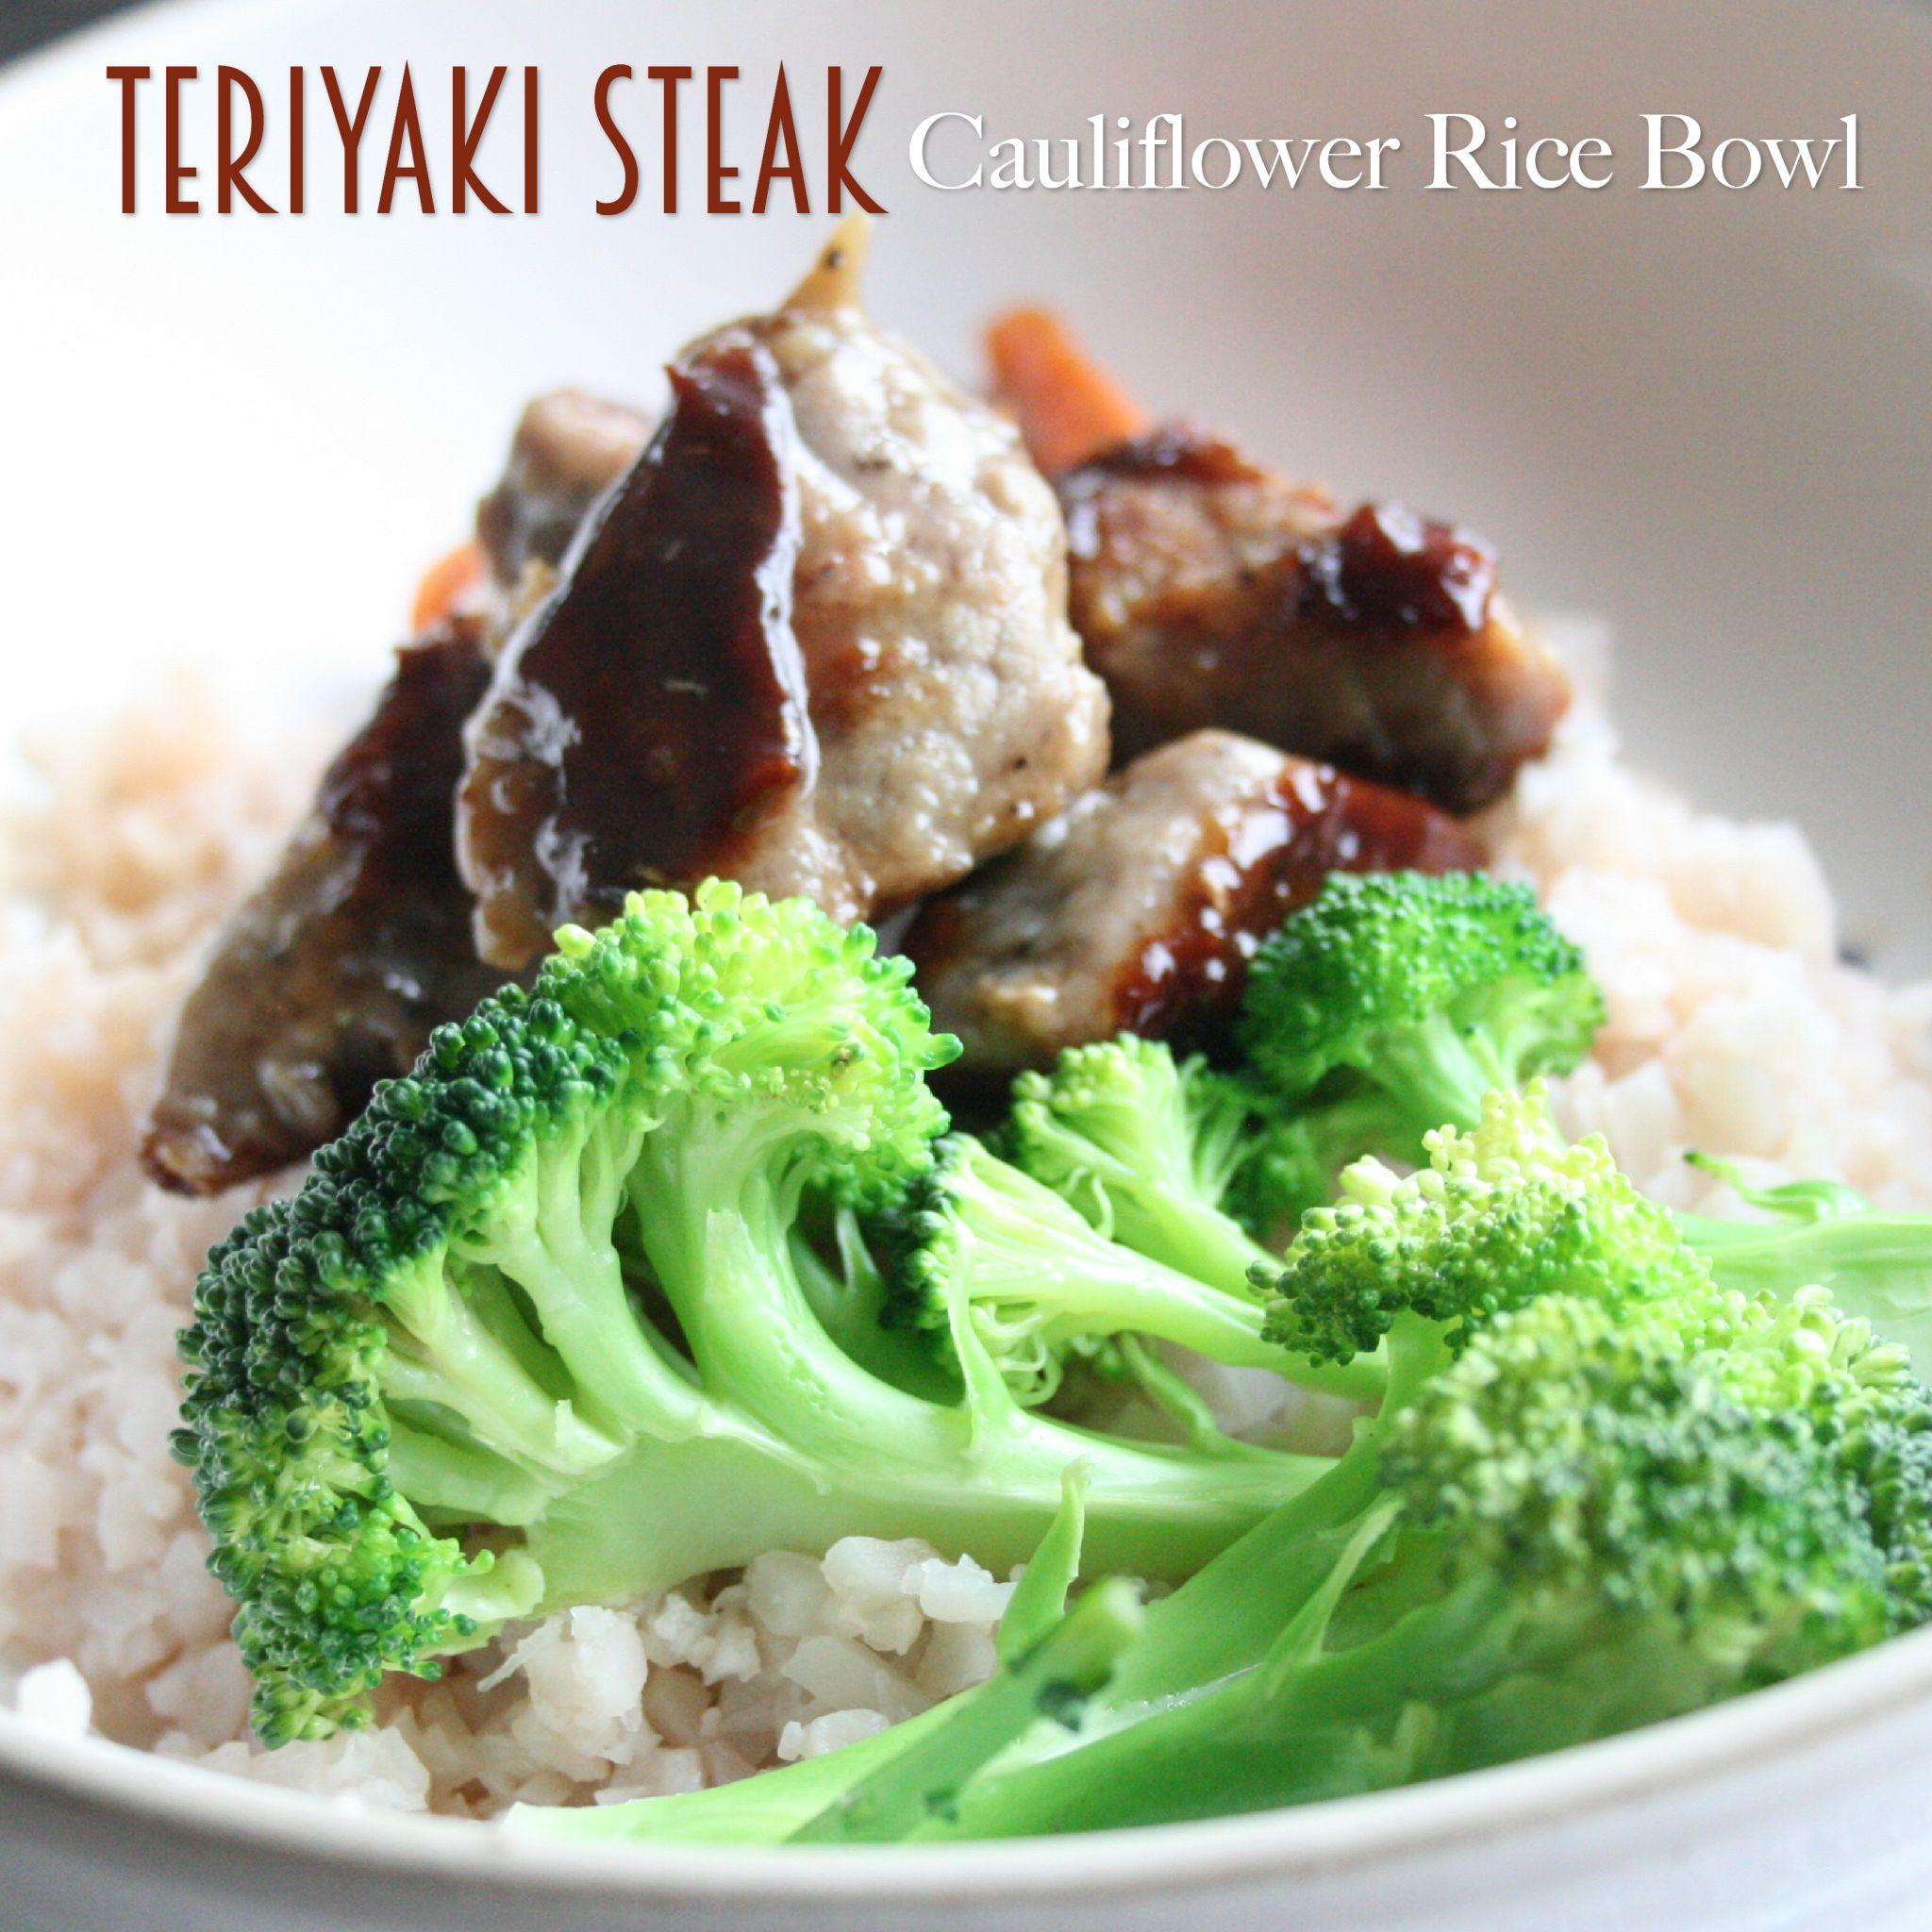 Teriyaki Steak Cauliflower Rice Bowl